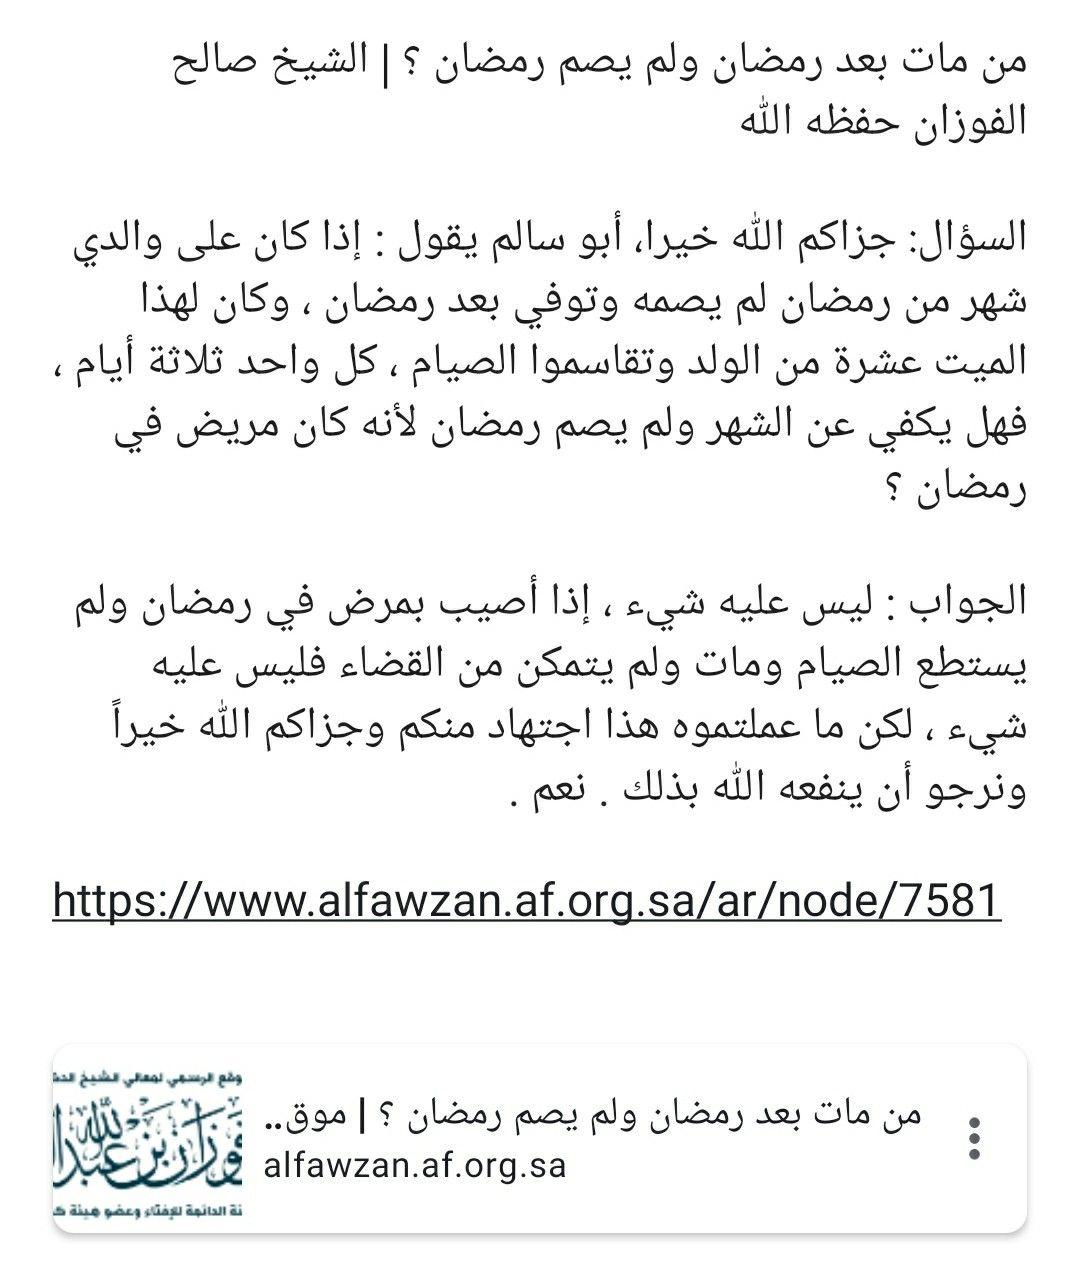 من مات بعد رمضان ولم يصم رمضان الشيخ صالح الفوزان حفظه الله Math Math Equations Biu